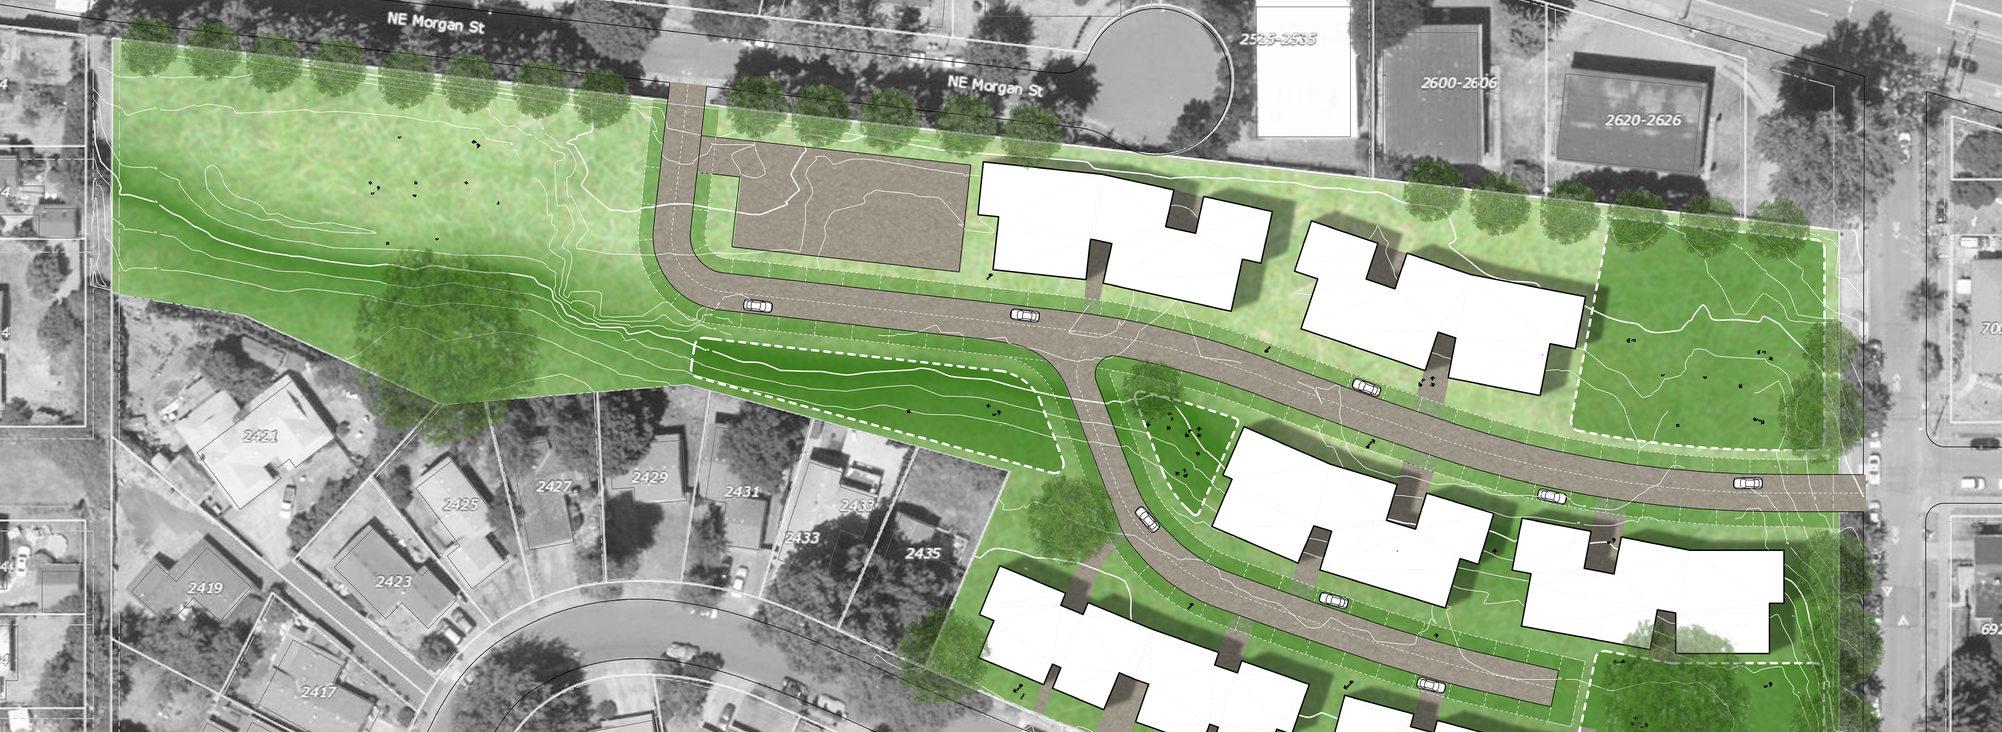 conceptual site plan for Dekum Court development